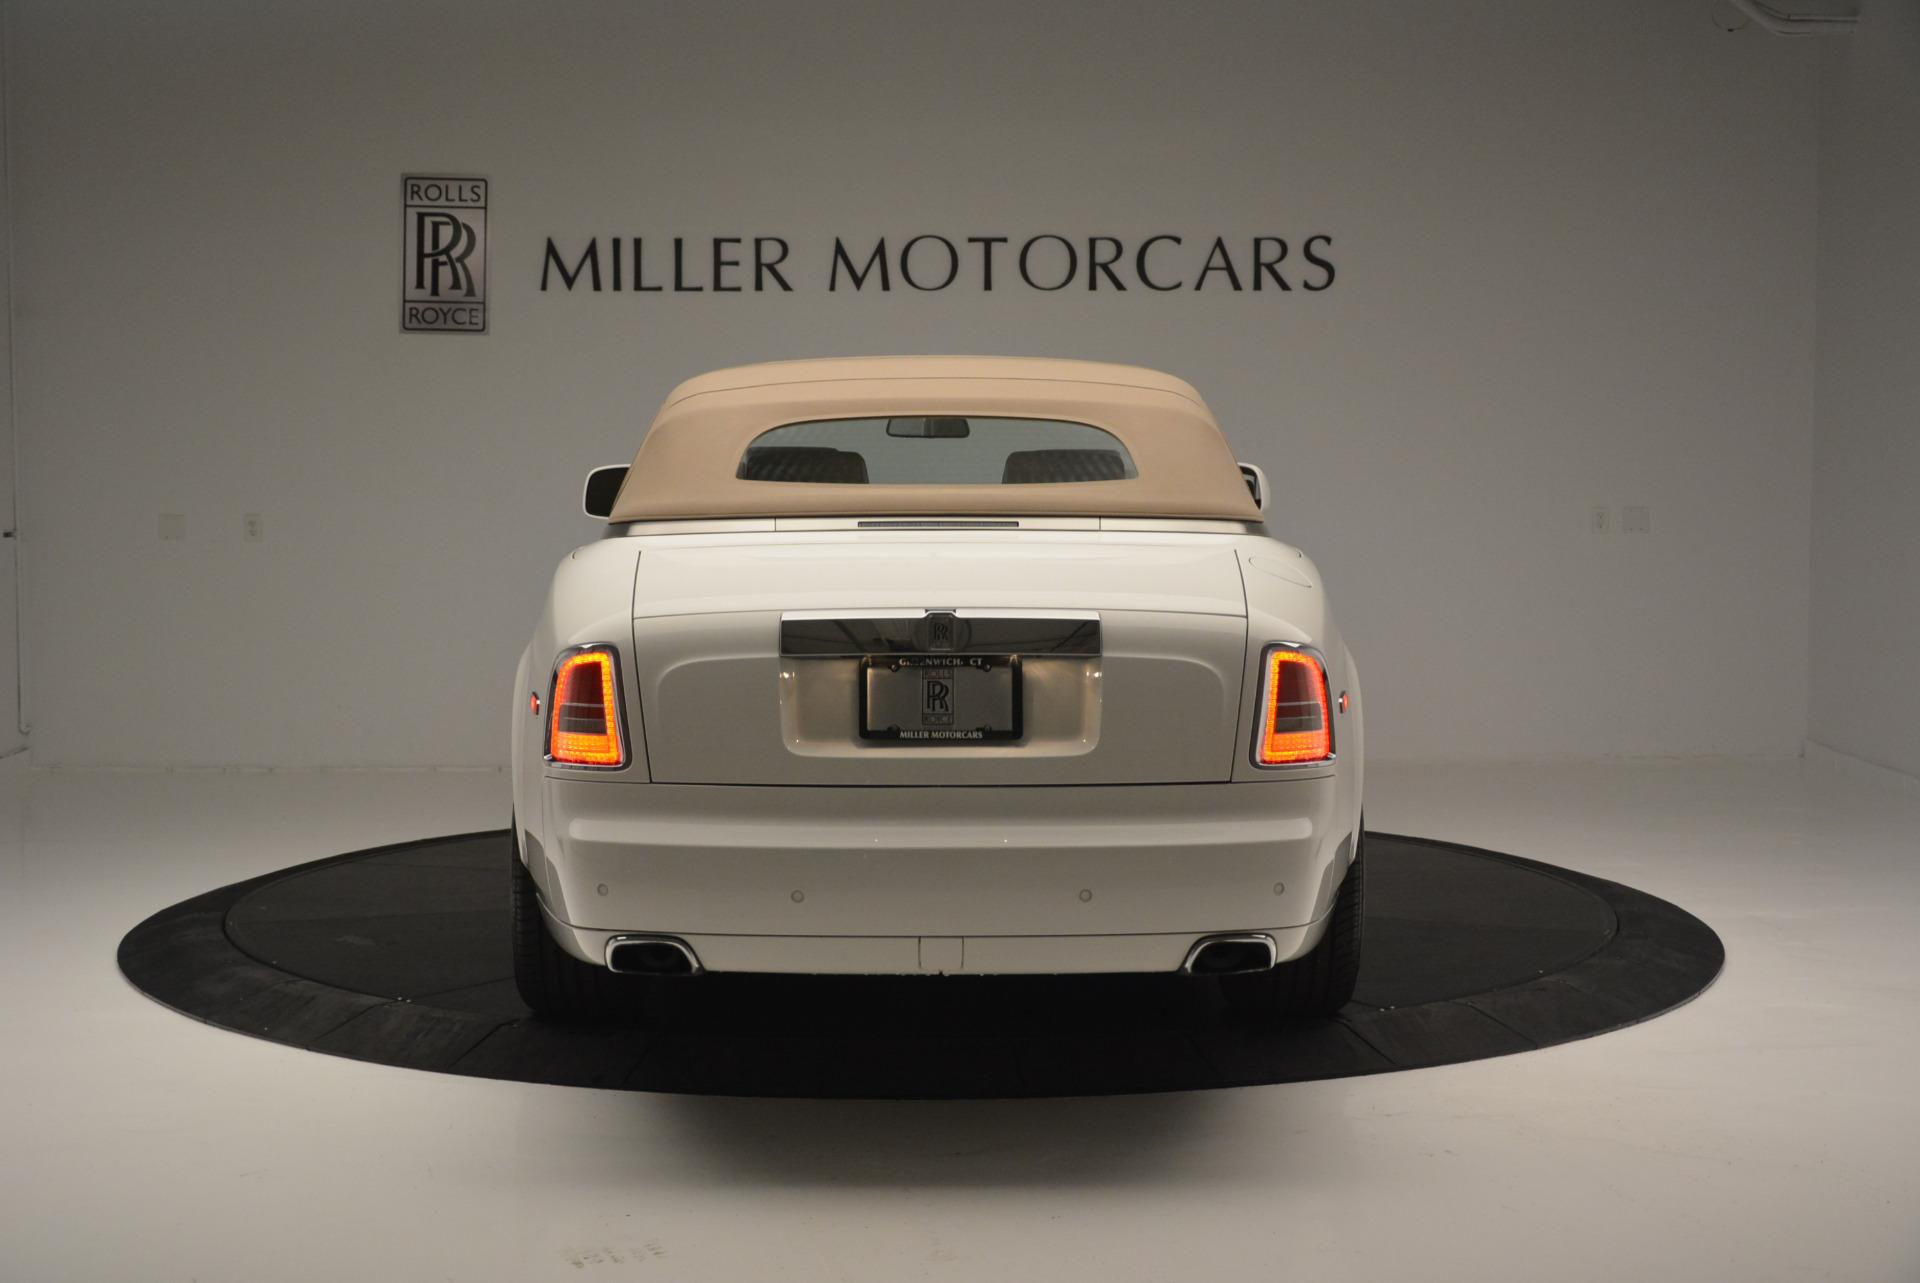 Used 2013 Rolls-Royce Phantom Drophead Coupe  For Sale In Westport, CT 2444_p12